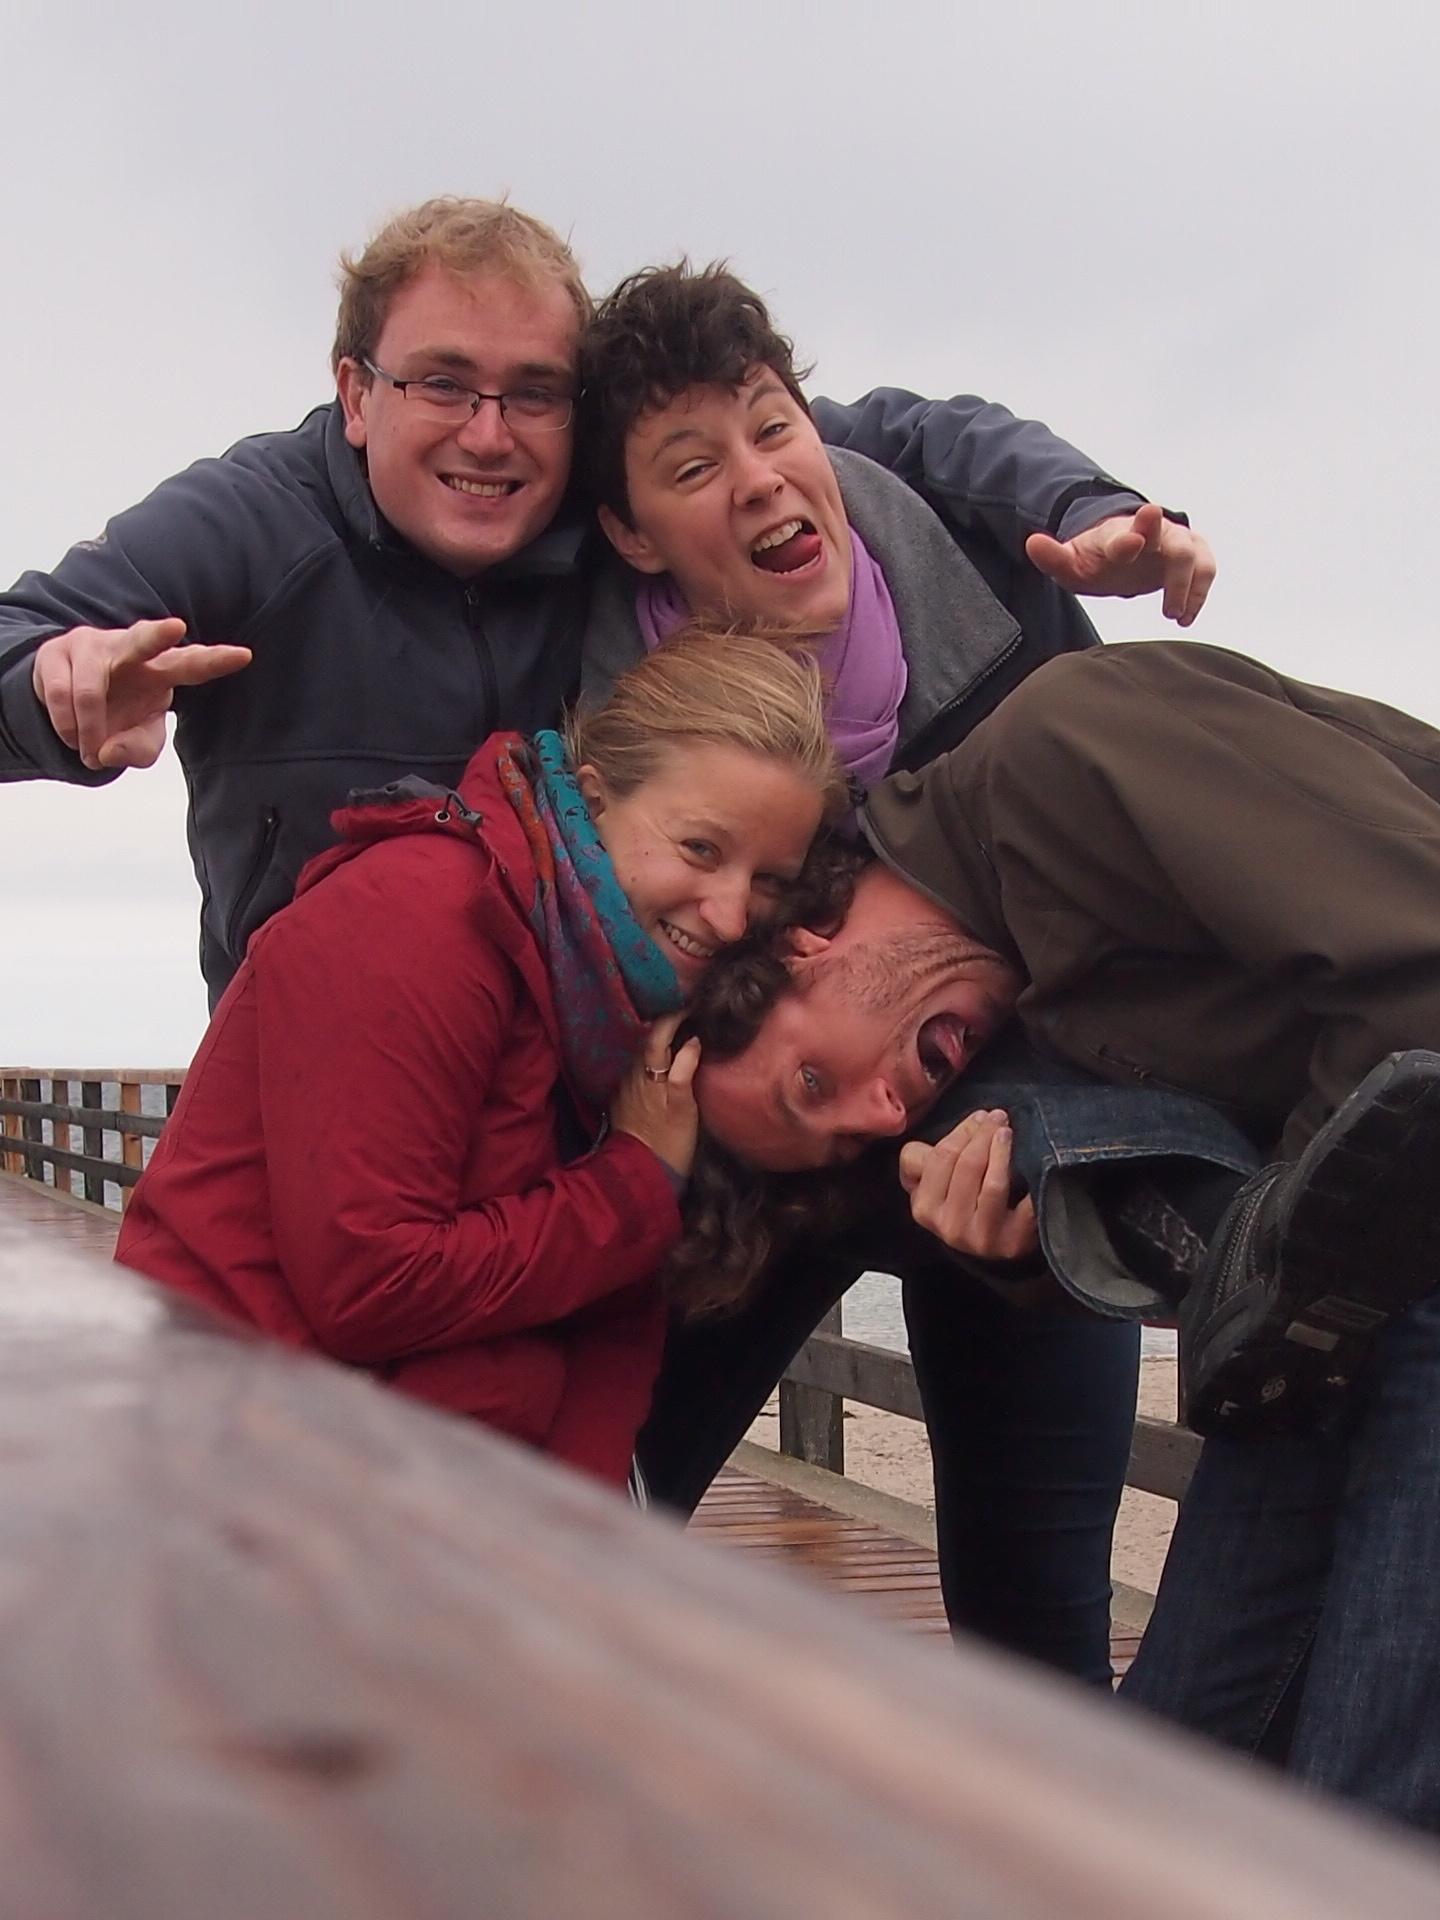 Zusammen ist man weniger allein! Reise mit Freunden an der deutschen Ostseeküste